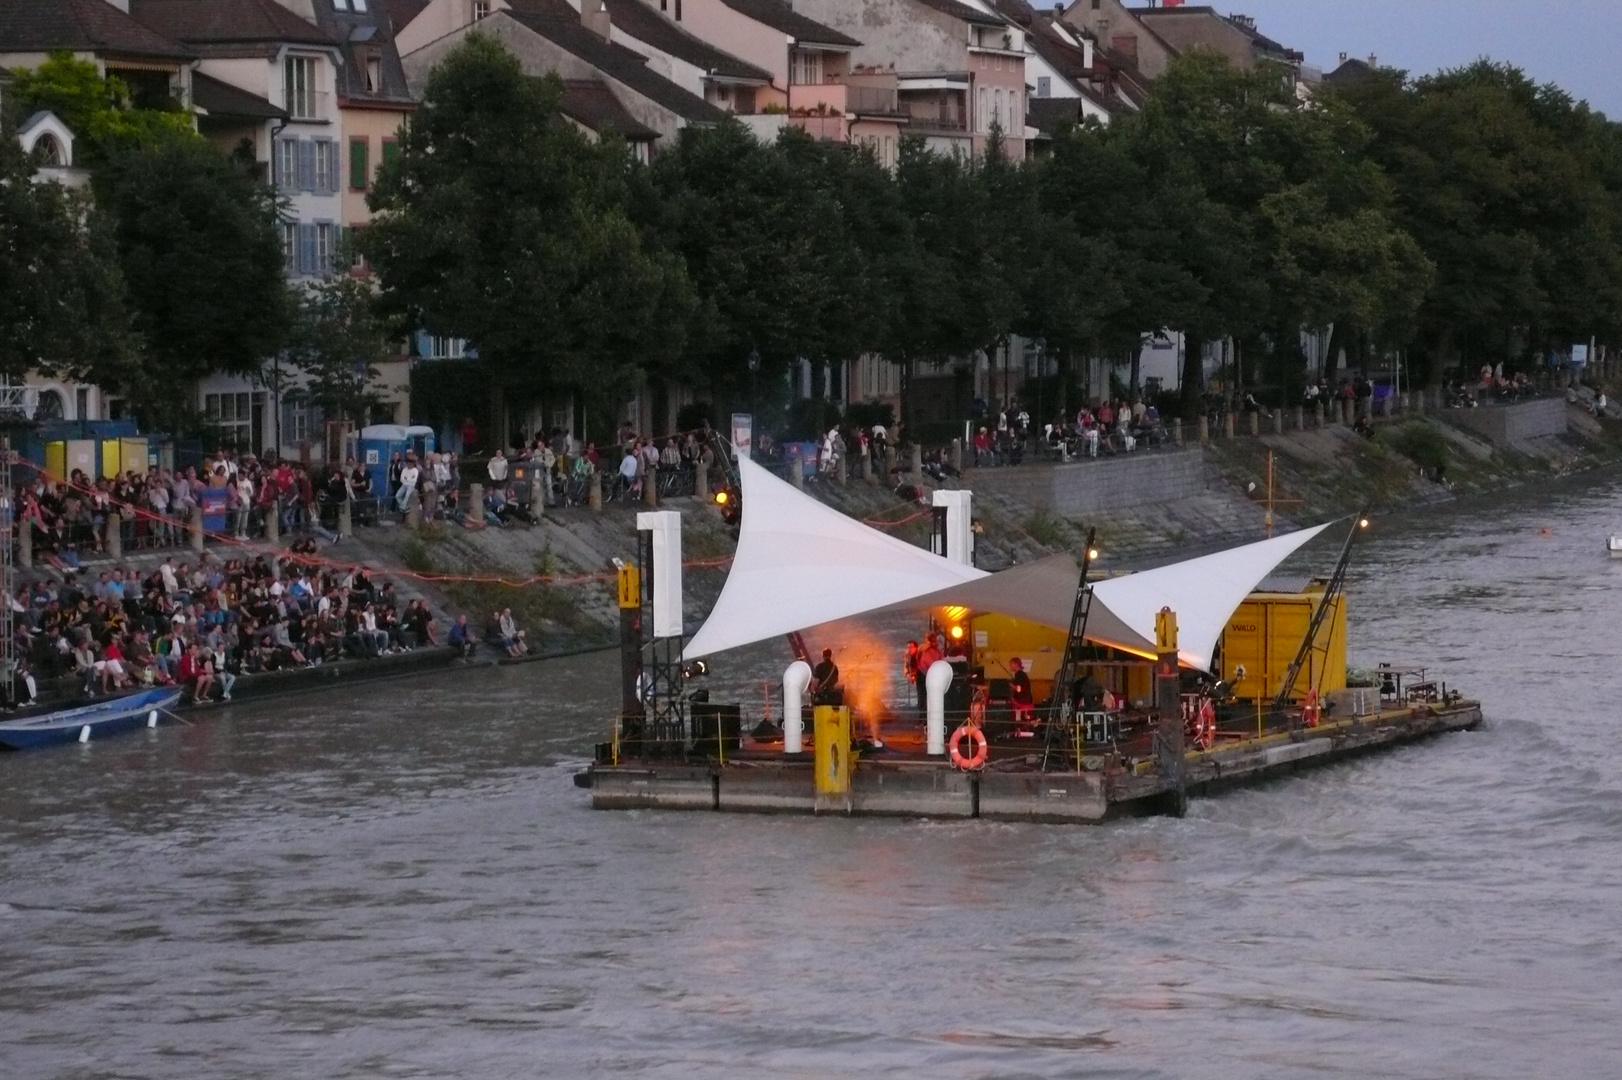 Concerto im Fluss